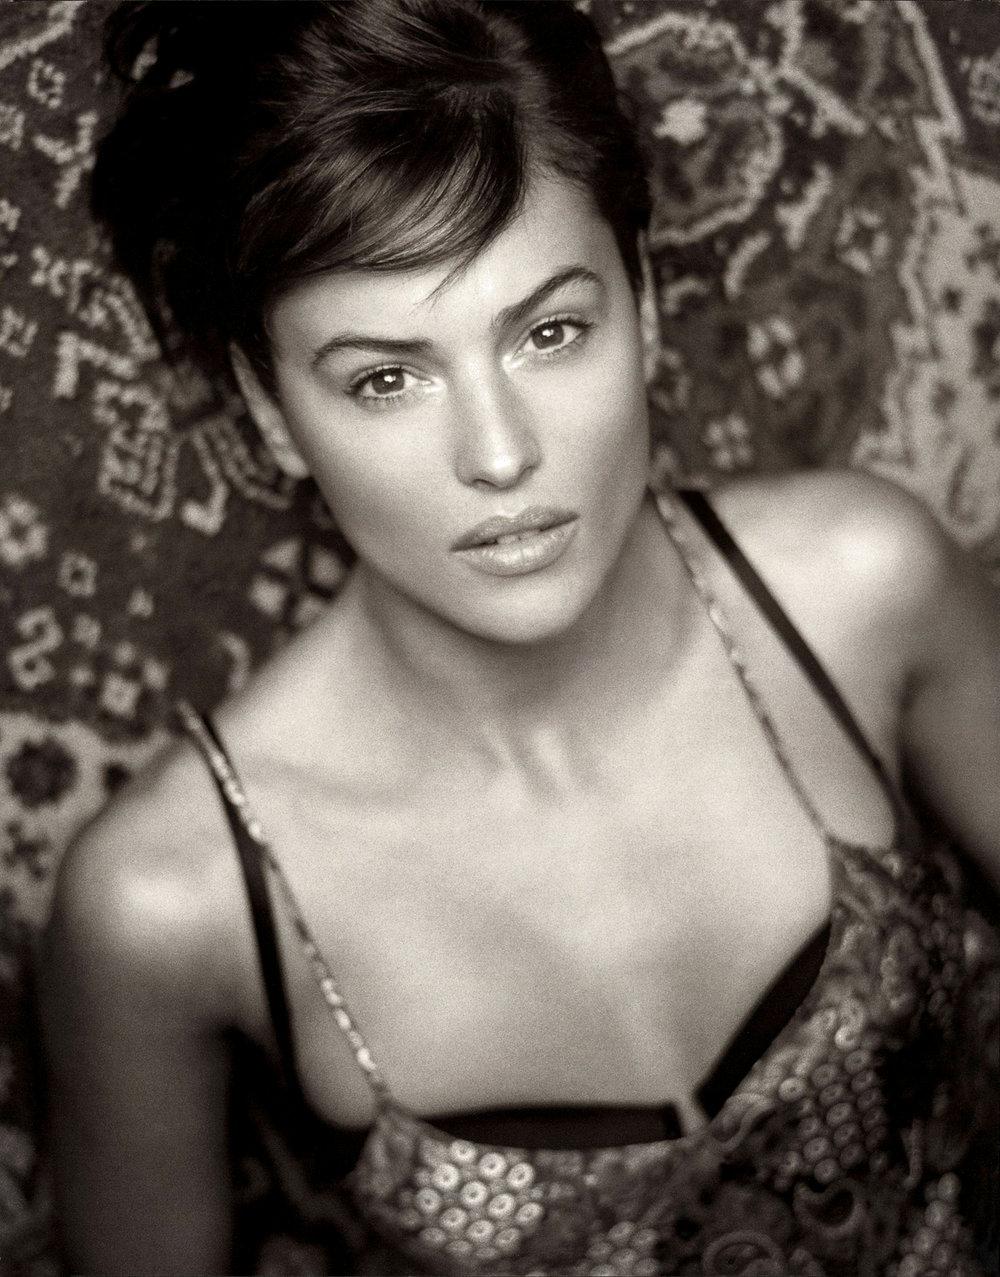 monica-bellucci--1996